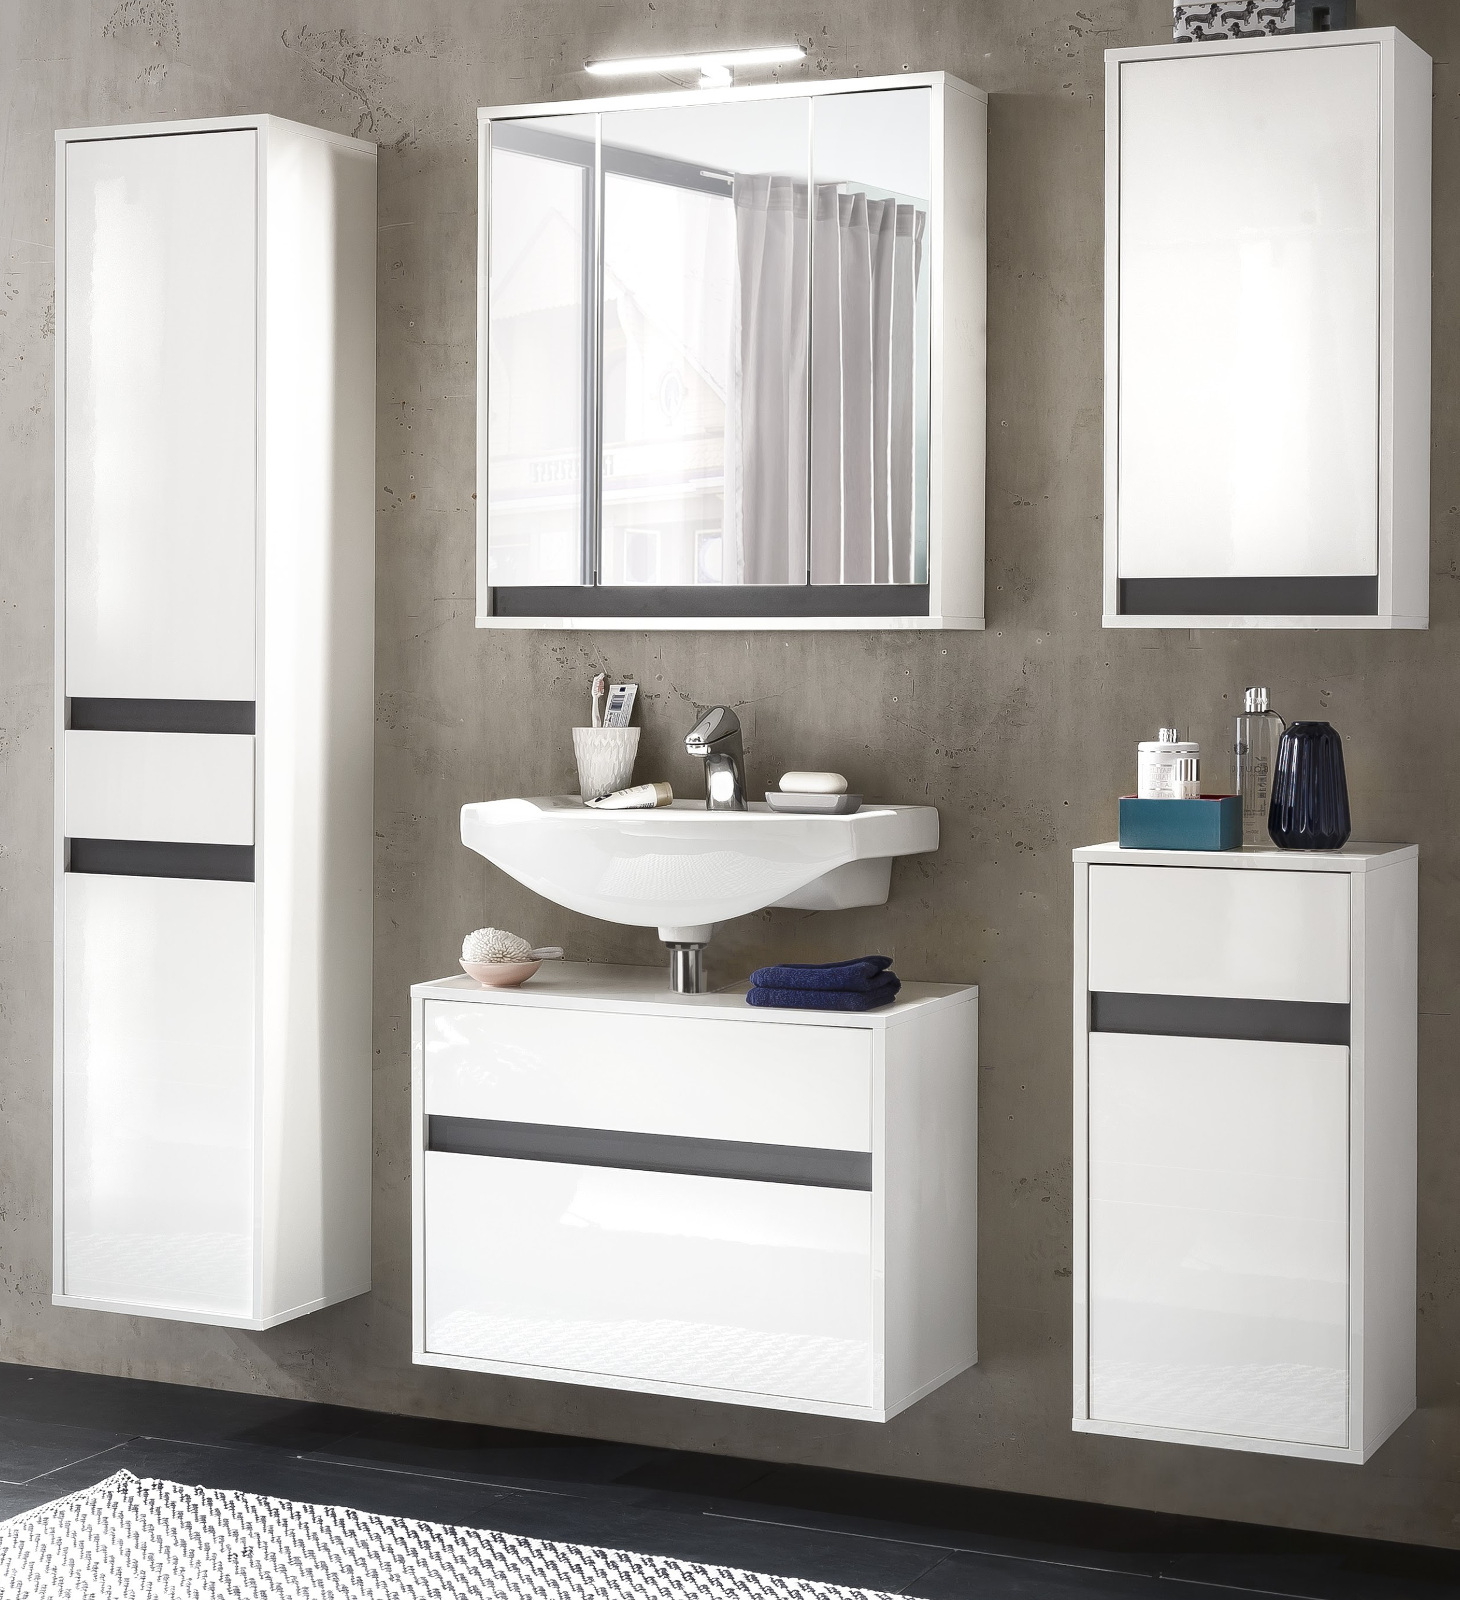 waschbeckenunterschrank h ngeschrank weiss hochglanz lack grau badschrank sol ebay. Black Bedroom Furniture Sets. Home Design Ideas